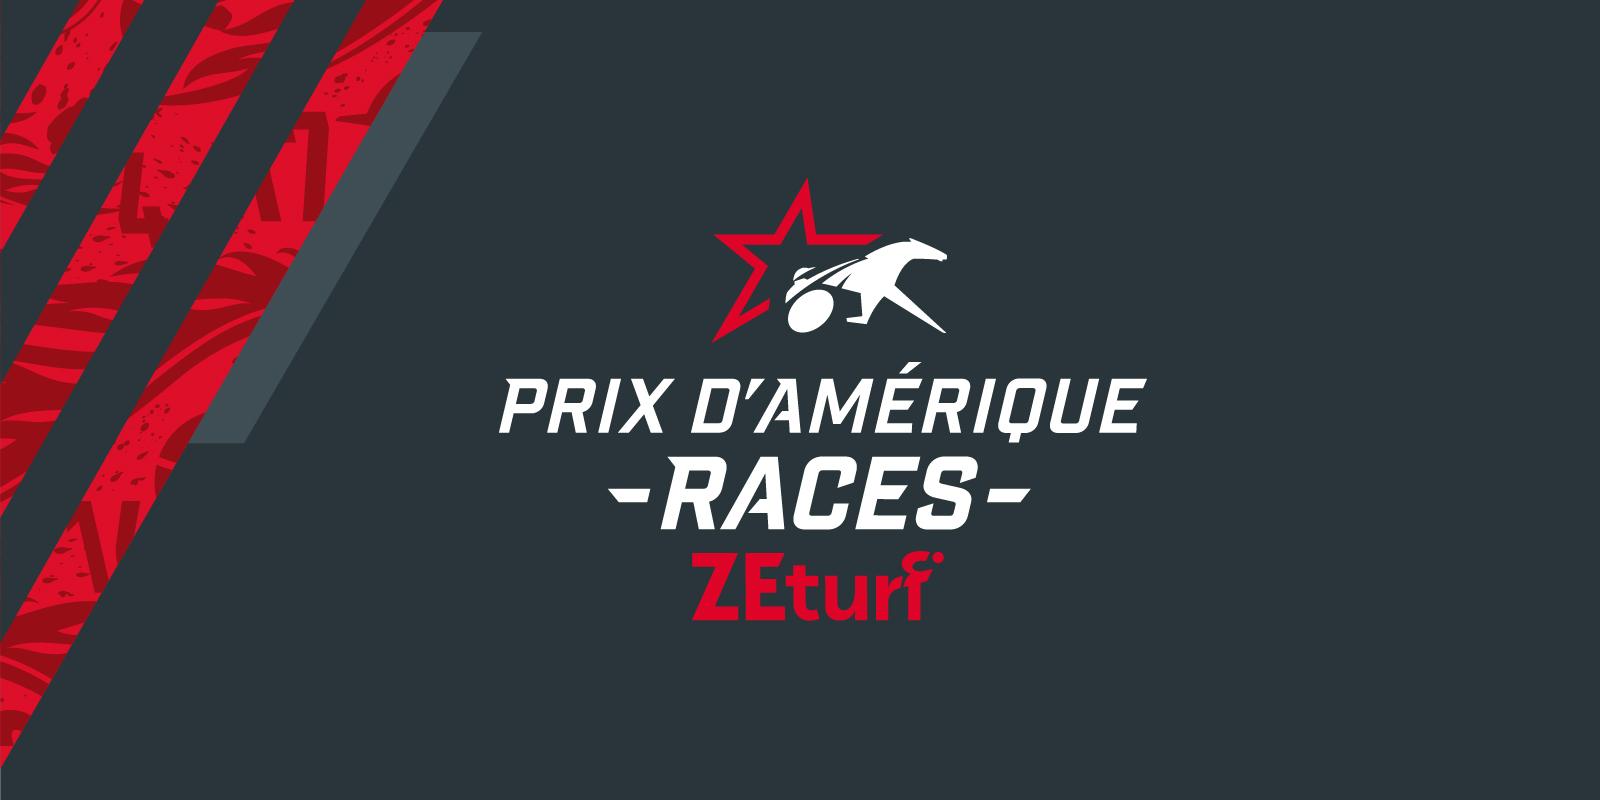 Cas_Agence_LeTROT_prix_damérique_races_zeturf_logo